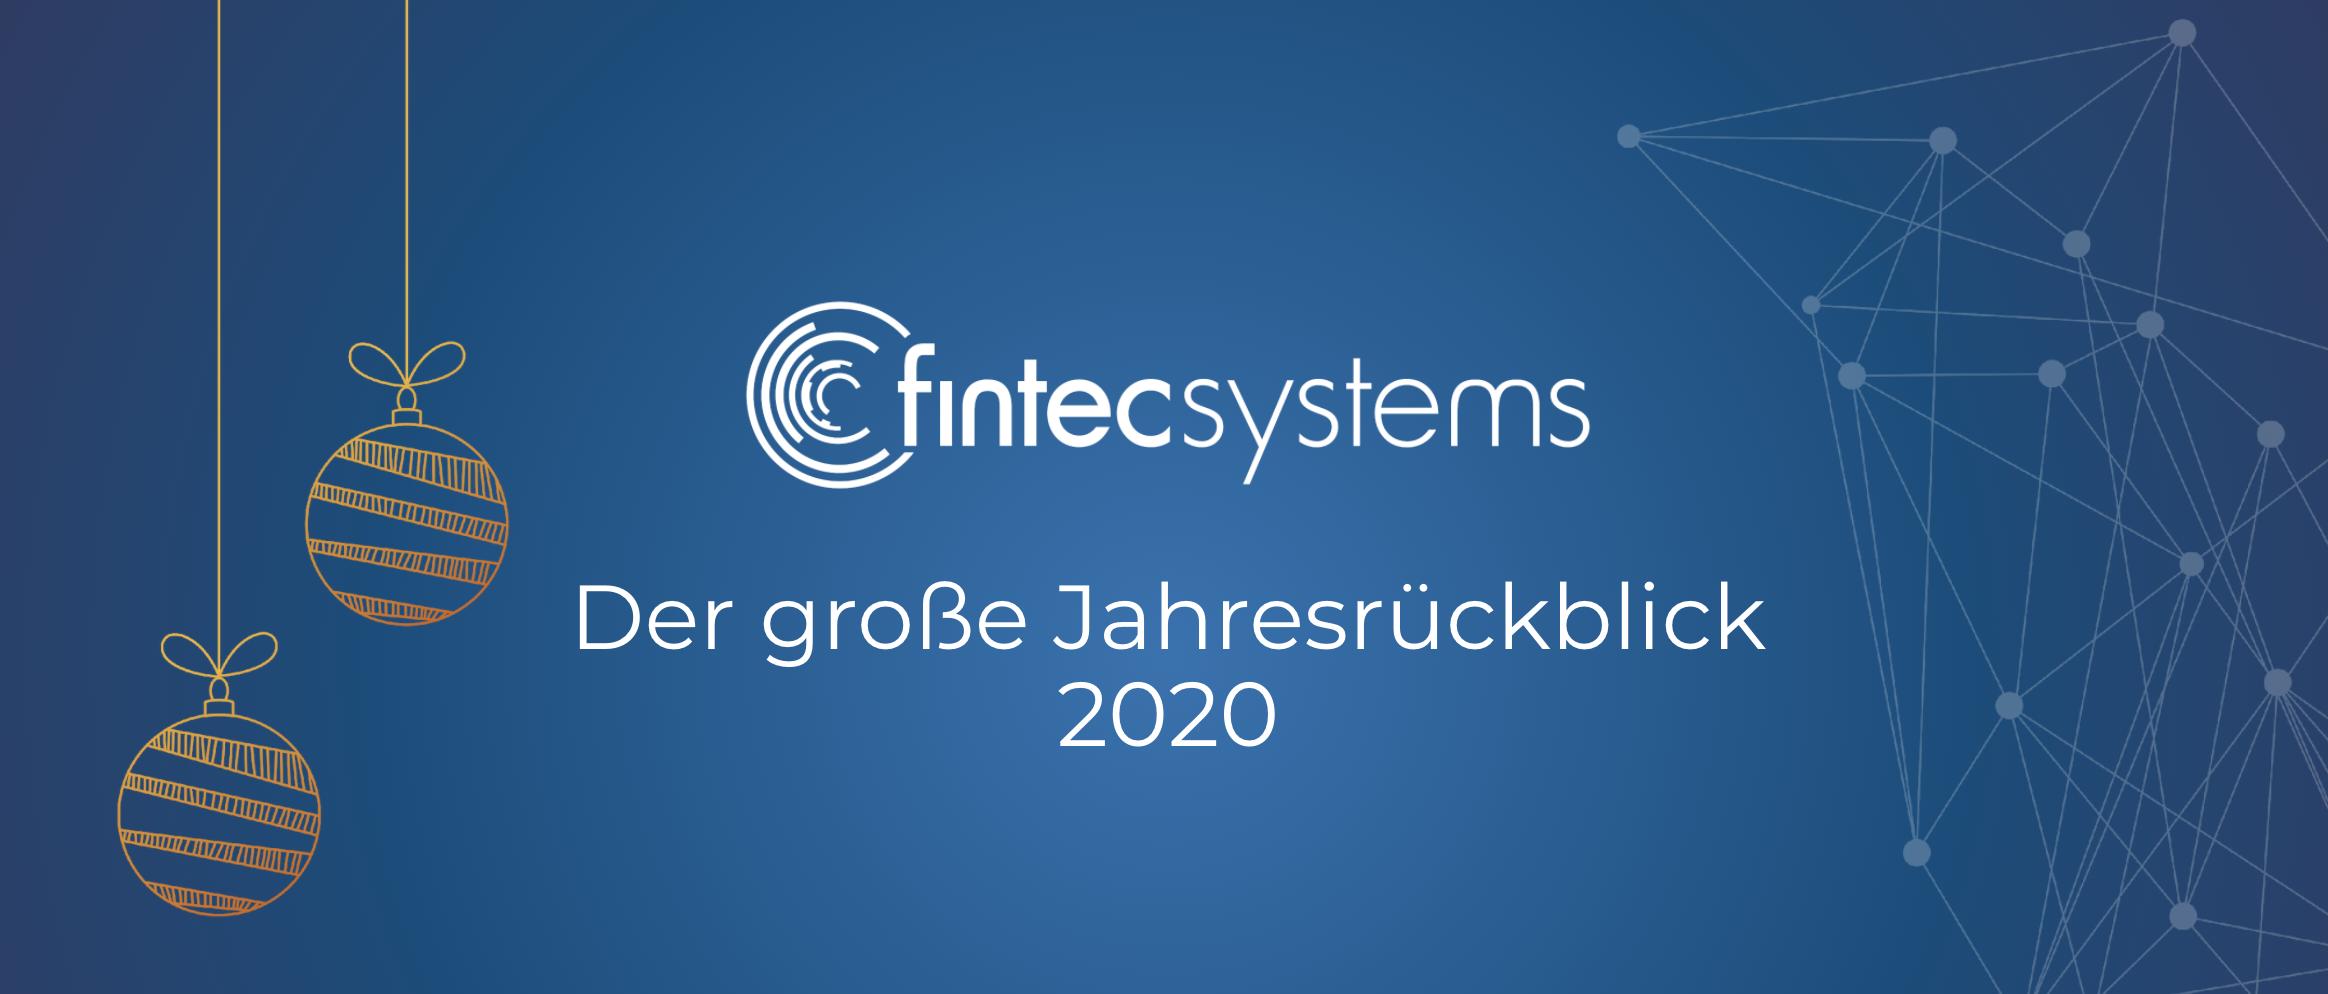 Der FTS-Jahresrückblick 2020: Ein verrücktes Jahr mit vielen Überraschungen